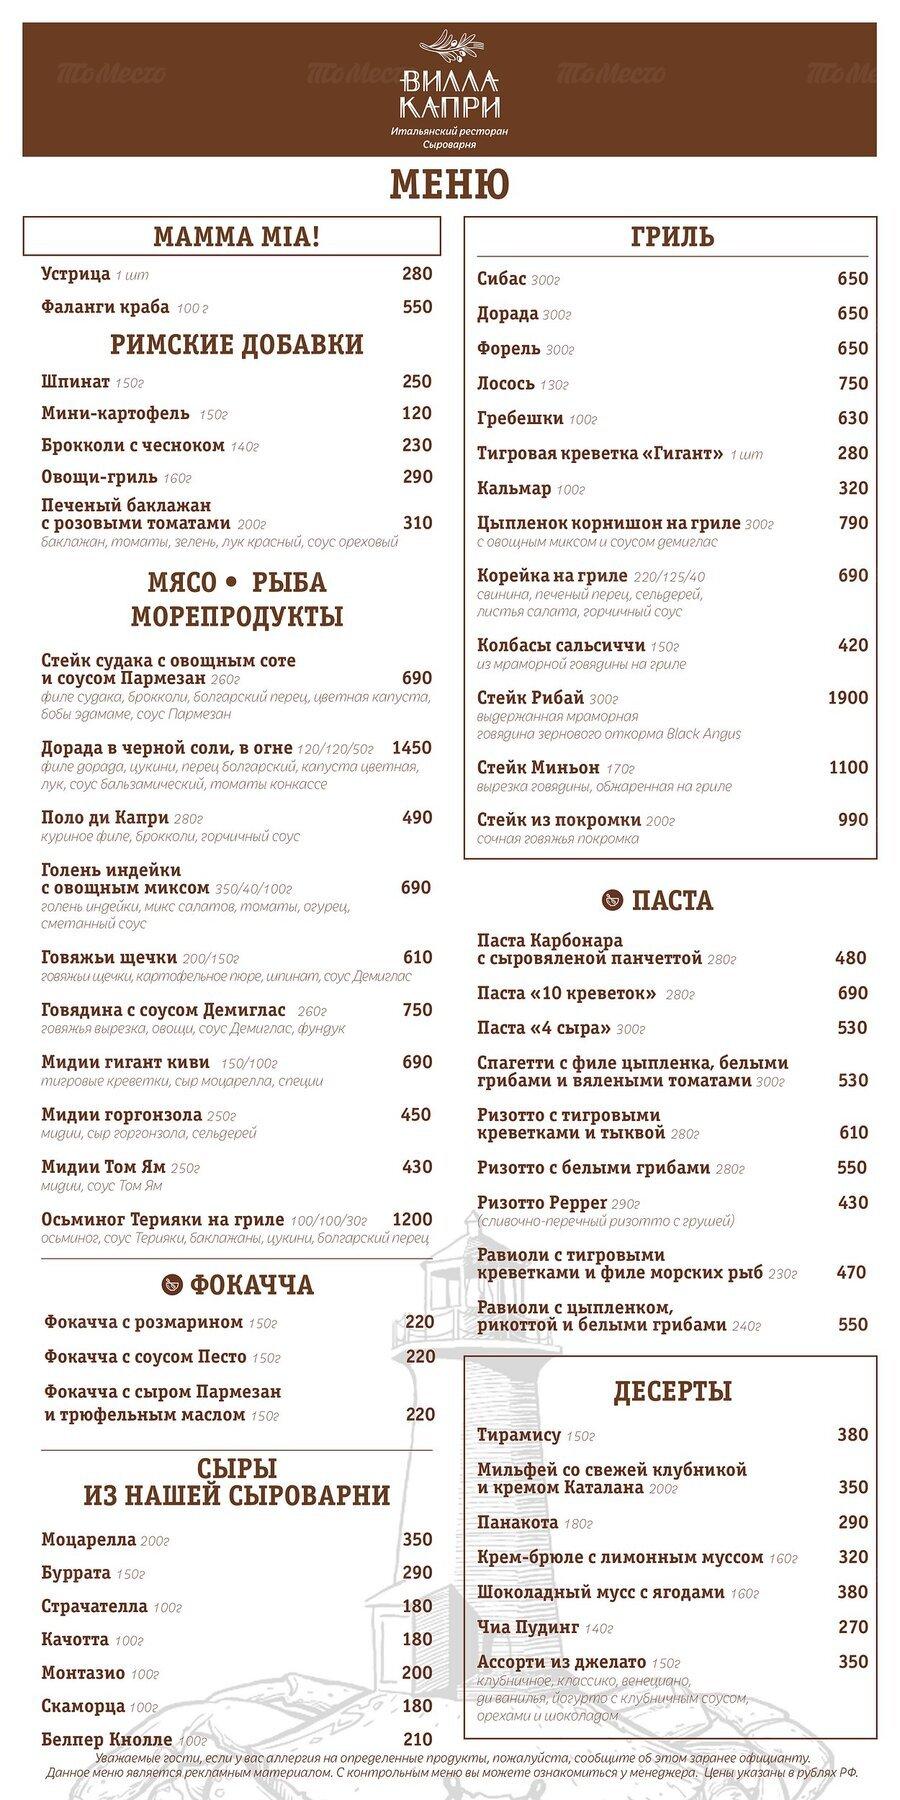 Меню ресторана Вилла Капри на улице Комсомольской фото 2